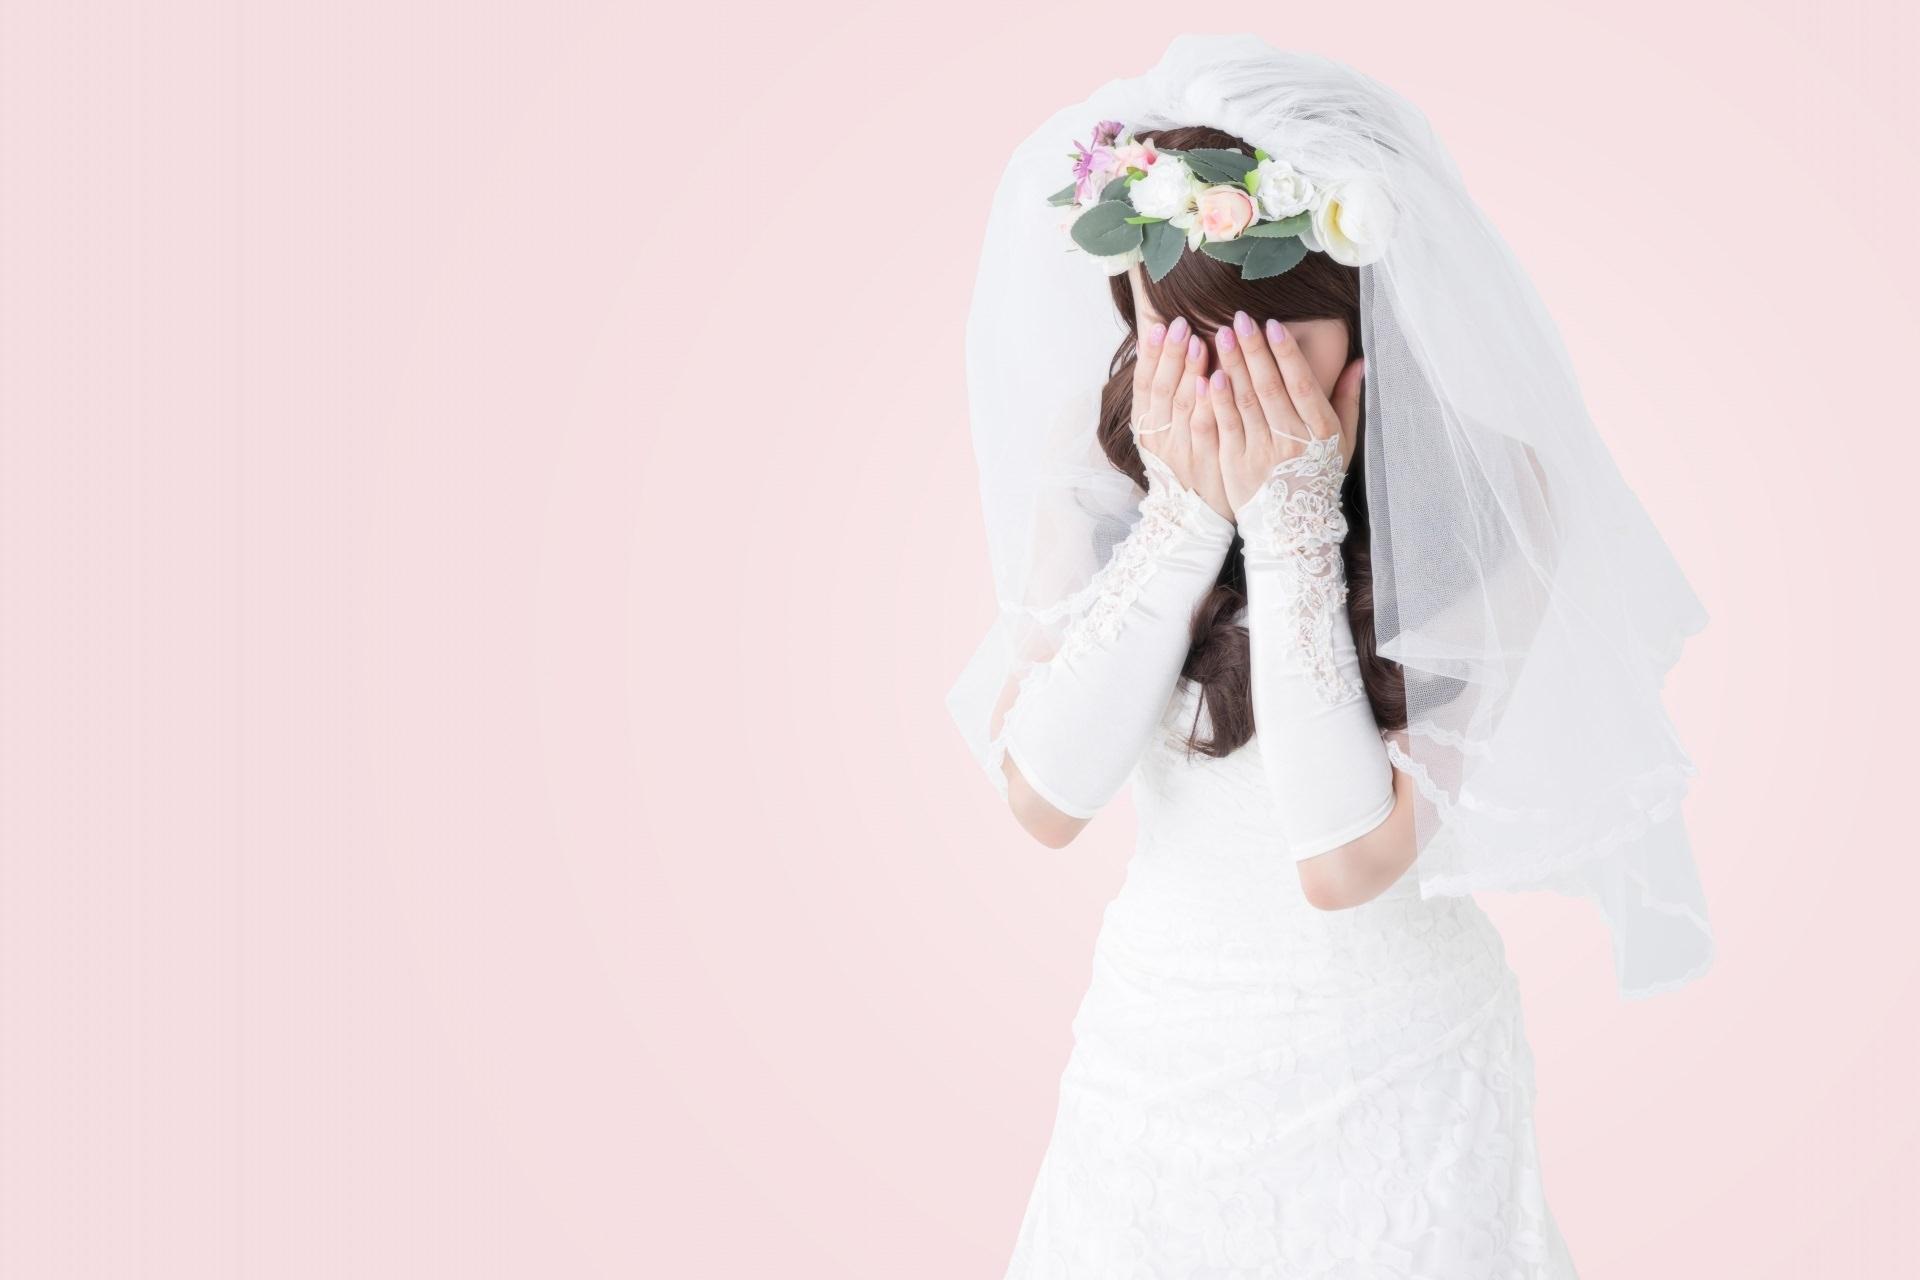 婚約破棄と慰謝料